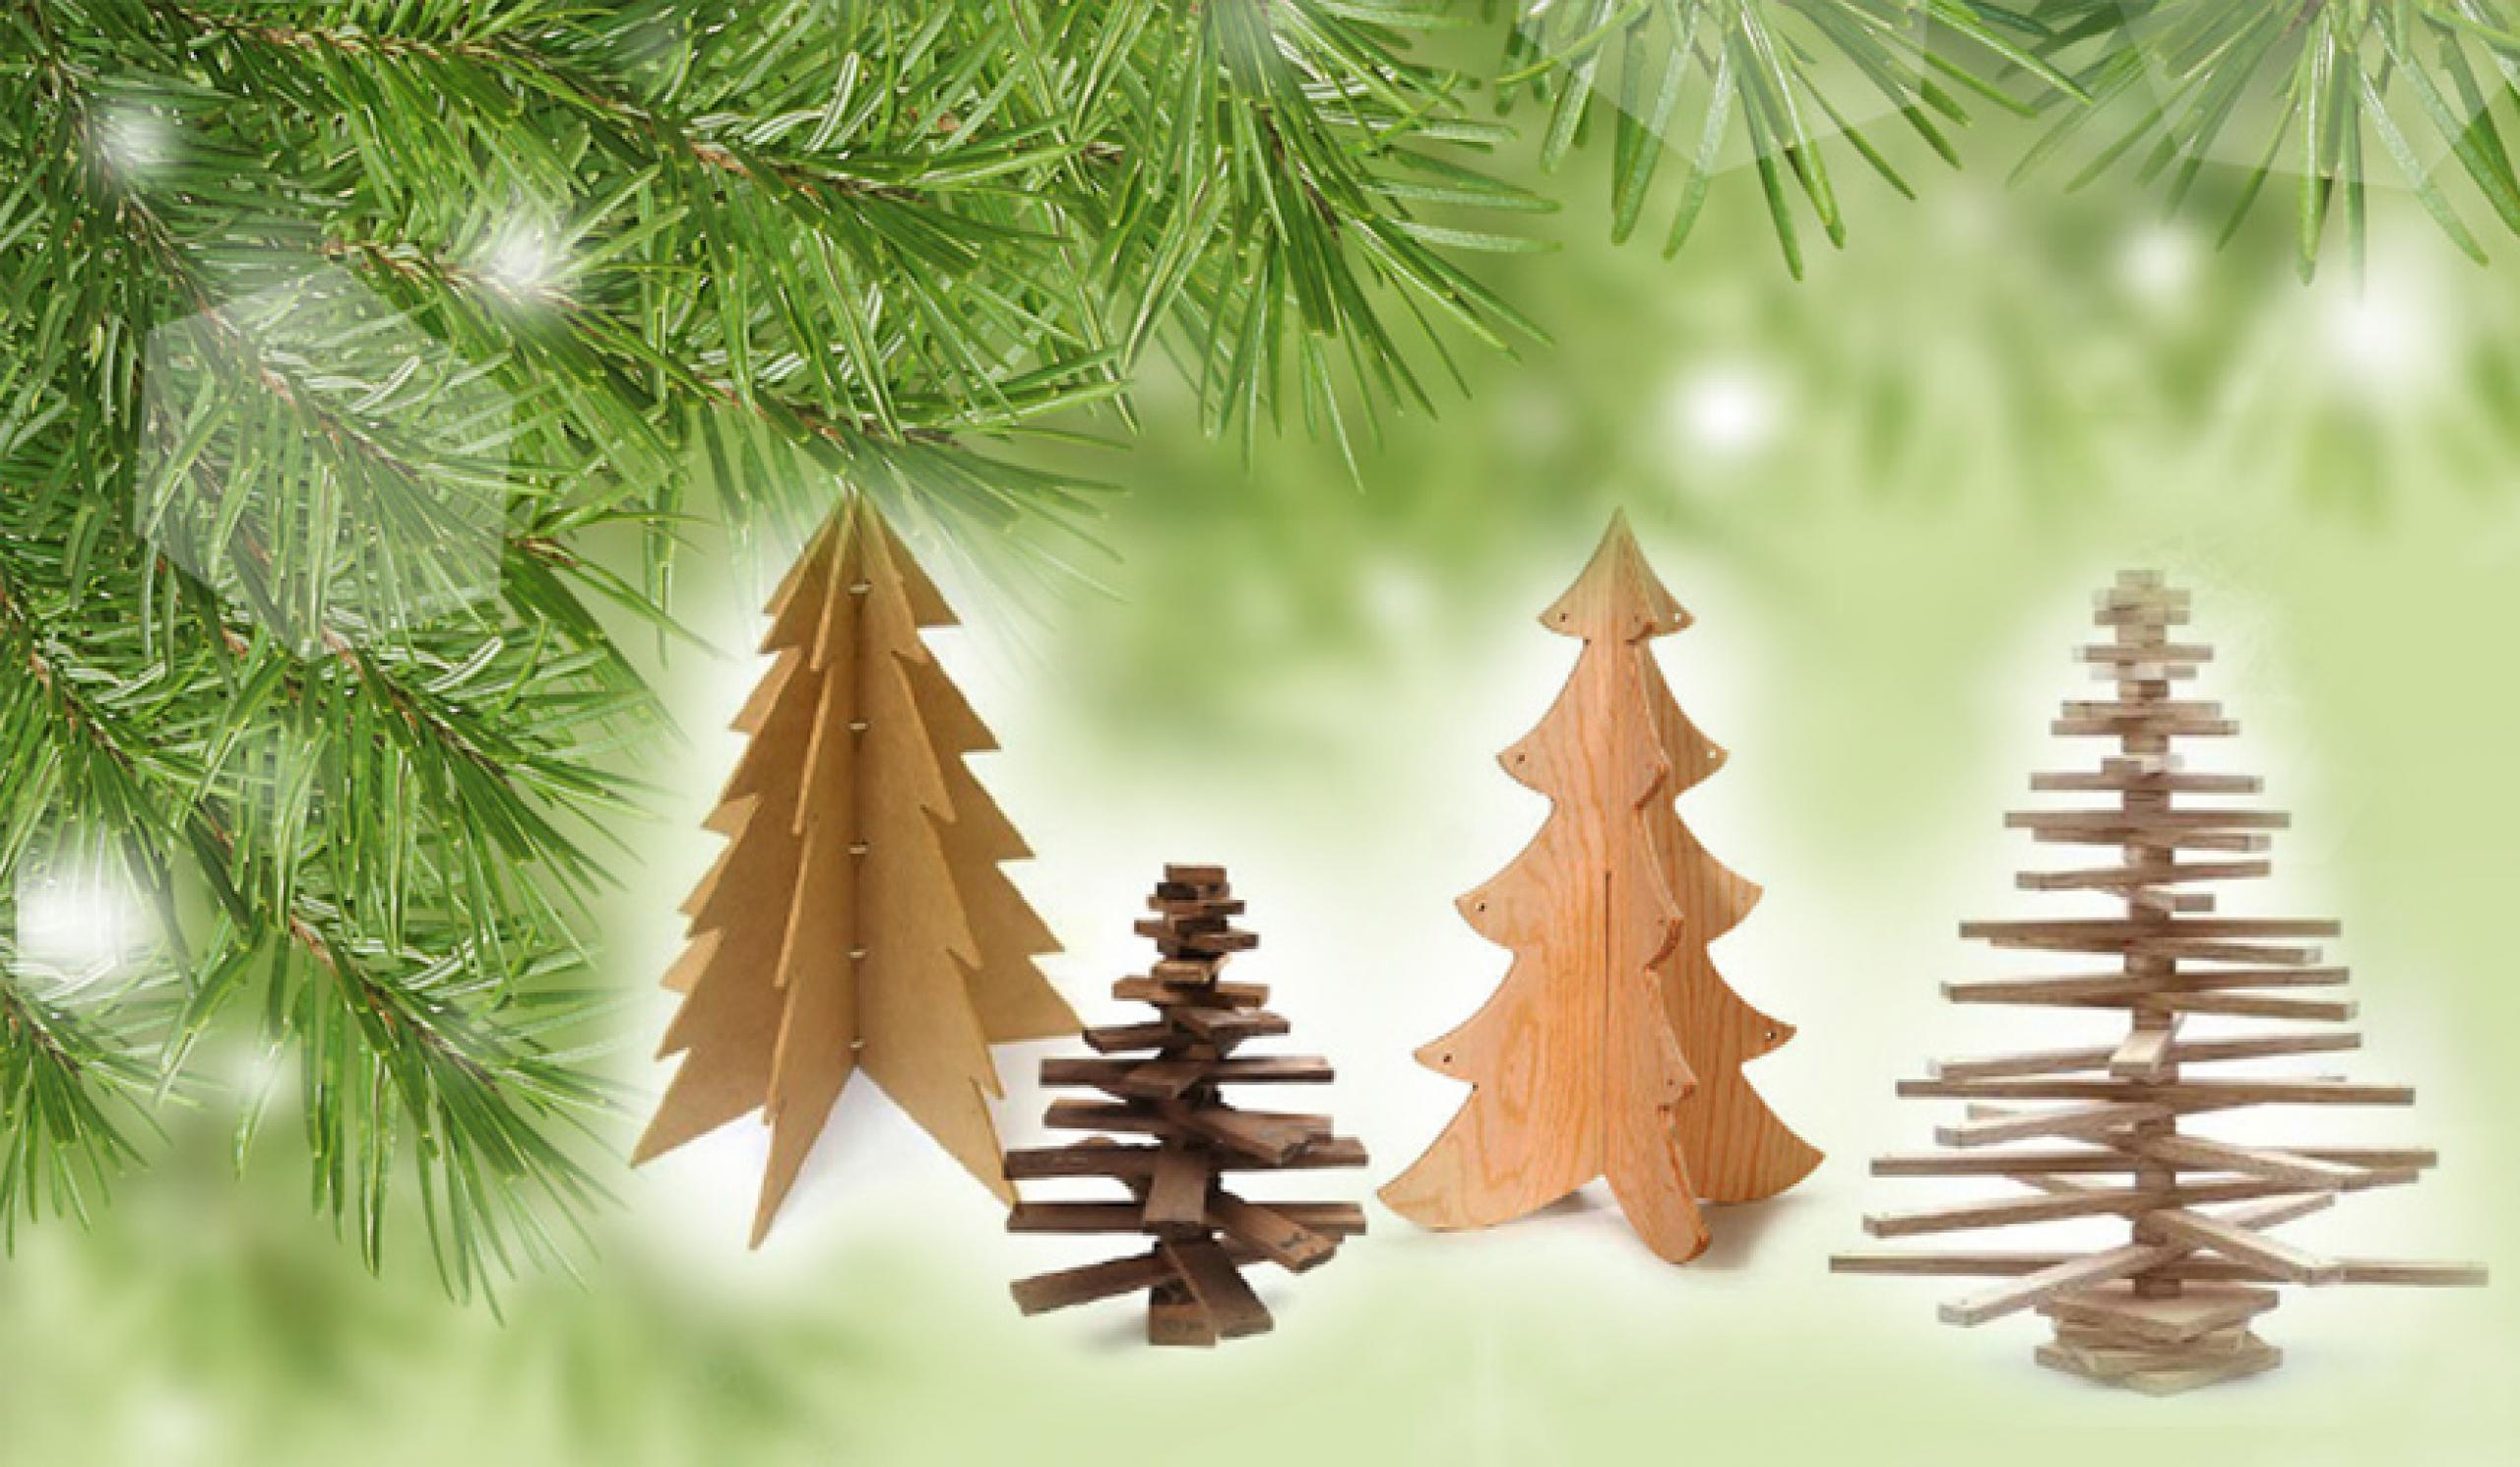 Réaliser un arbre de Noël en bois